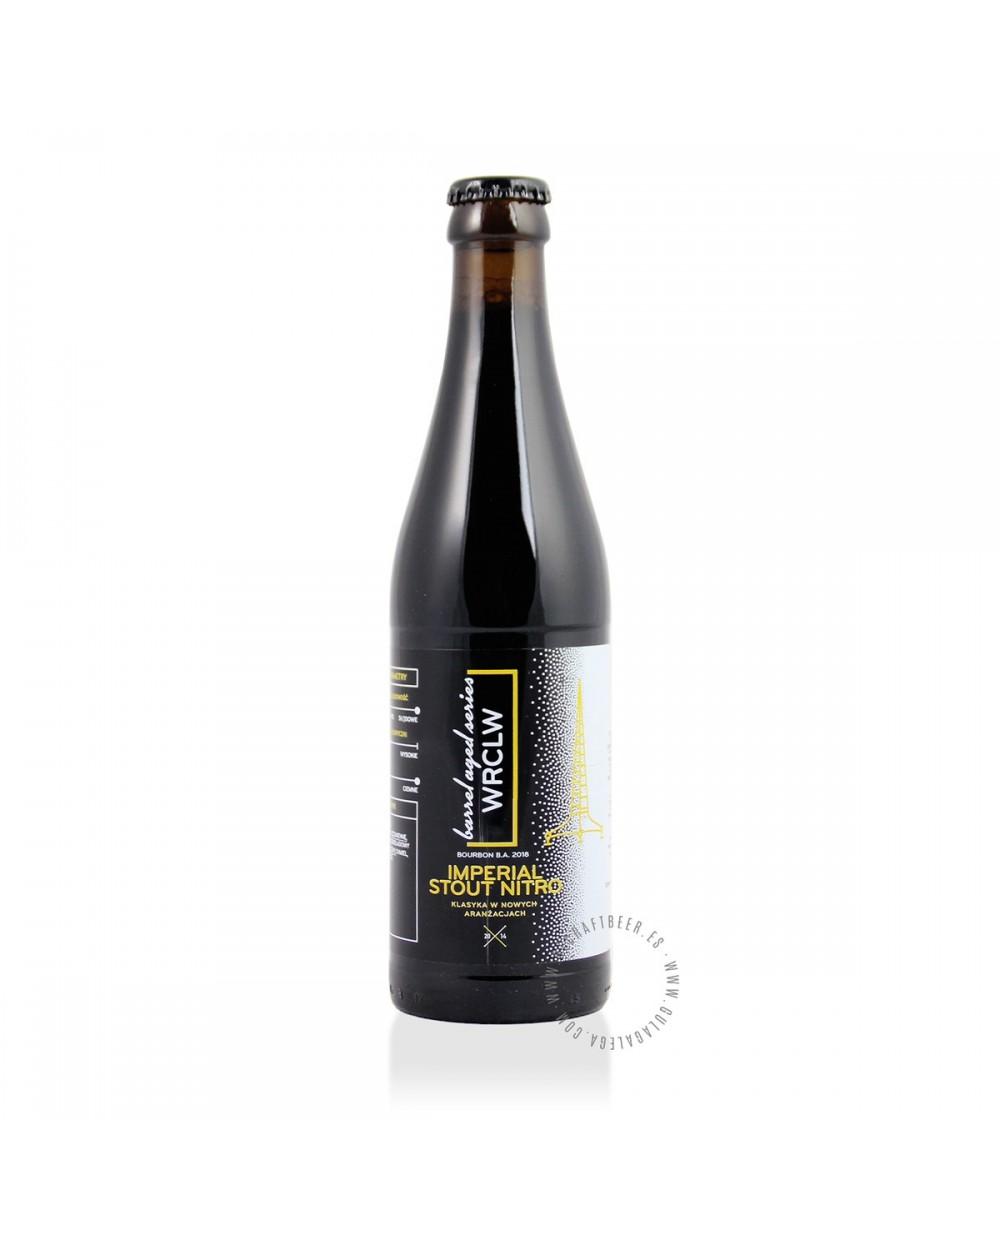 Cerveza Artesana STU MOSTÓW WRCLW Rye RIS Bourbon B.A. 2018 33 cl.